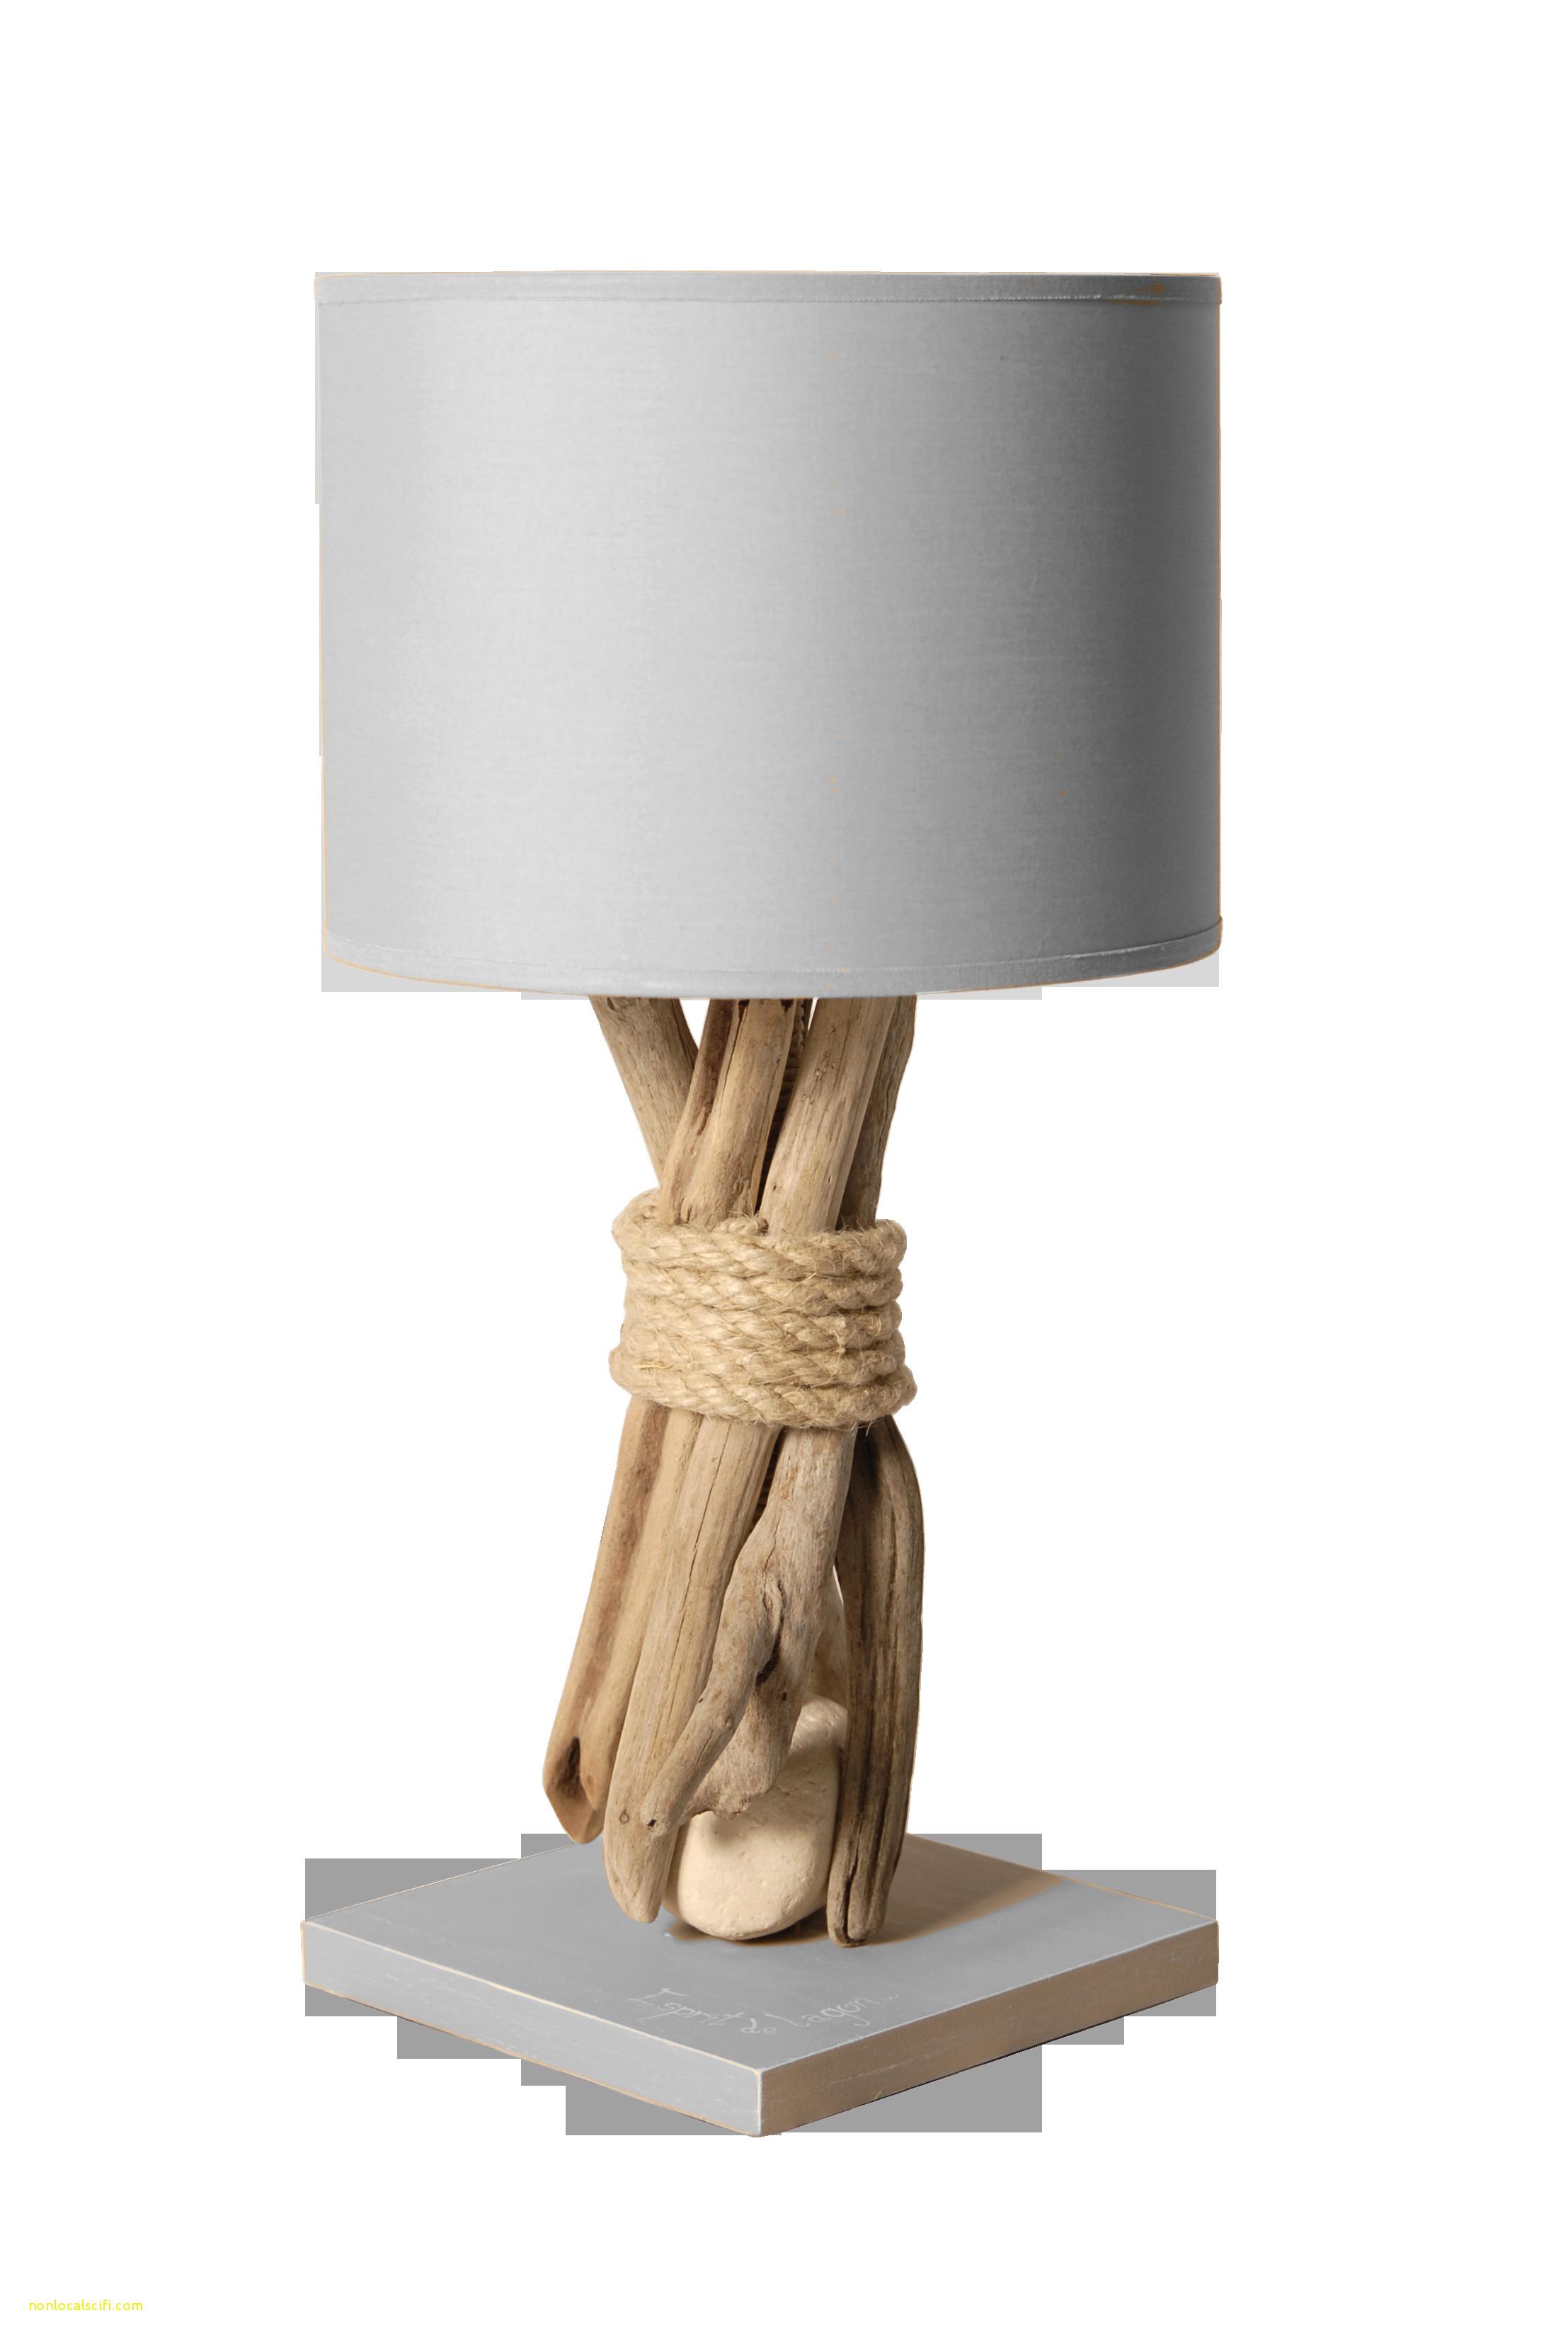 Logiciel Salle De Bain Ikea Élégant Galerie Résultat Supérieur 95 Beau Luminaire Suspension Salle De Bain Stock